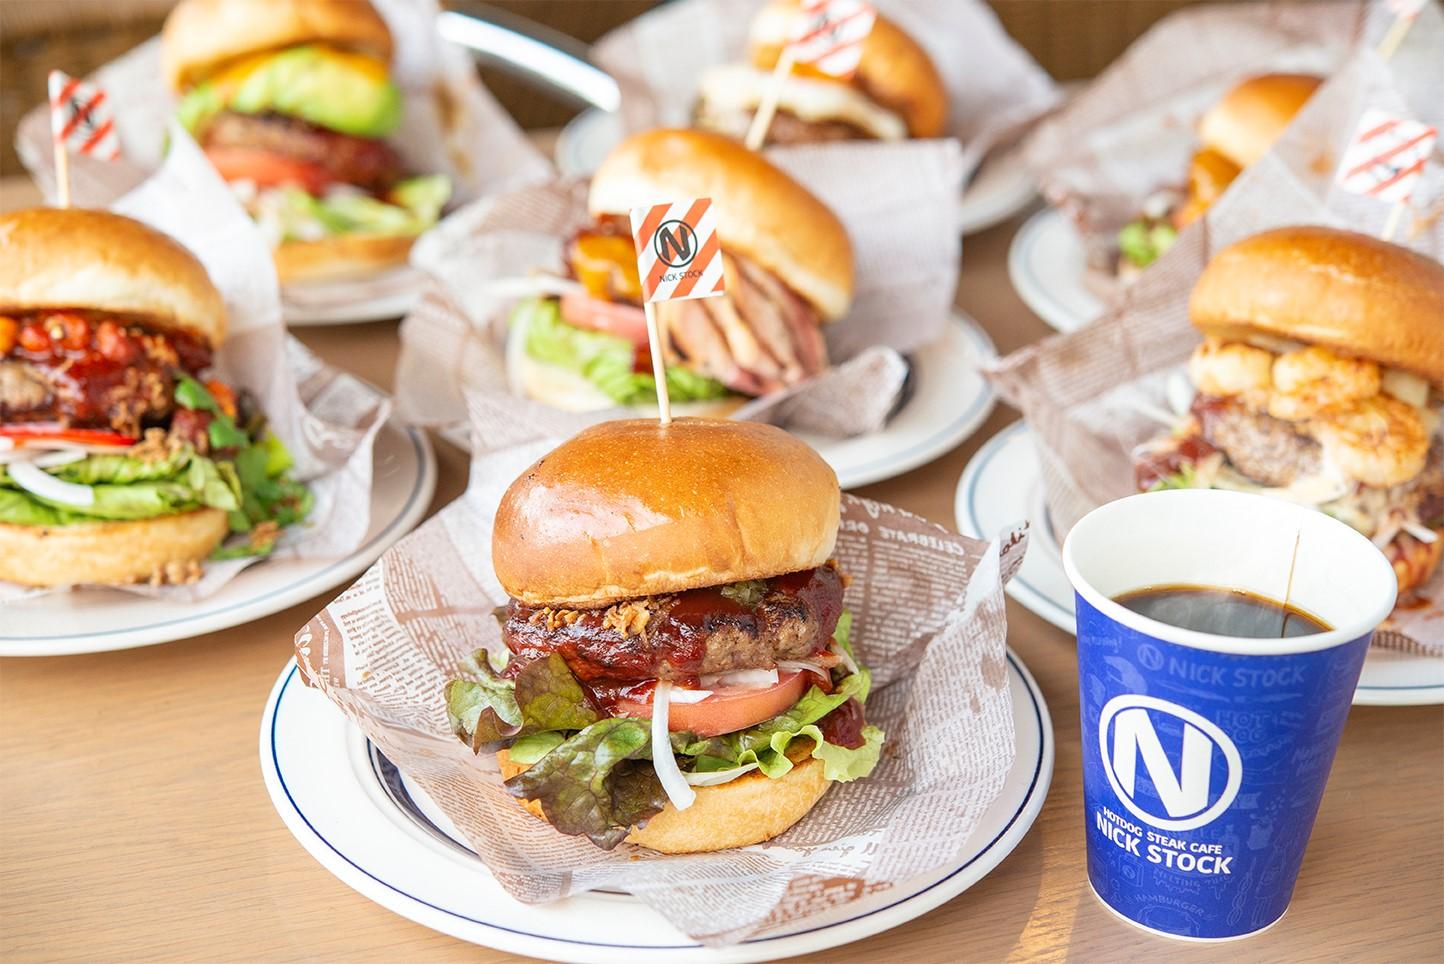 プレゼントにはお食事ギフトがおすすめ。肉厚パテがジューシー!豪快なハンバーガーでランチ&ディナー・東京編